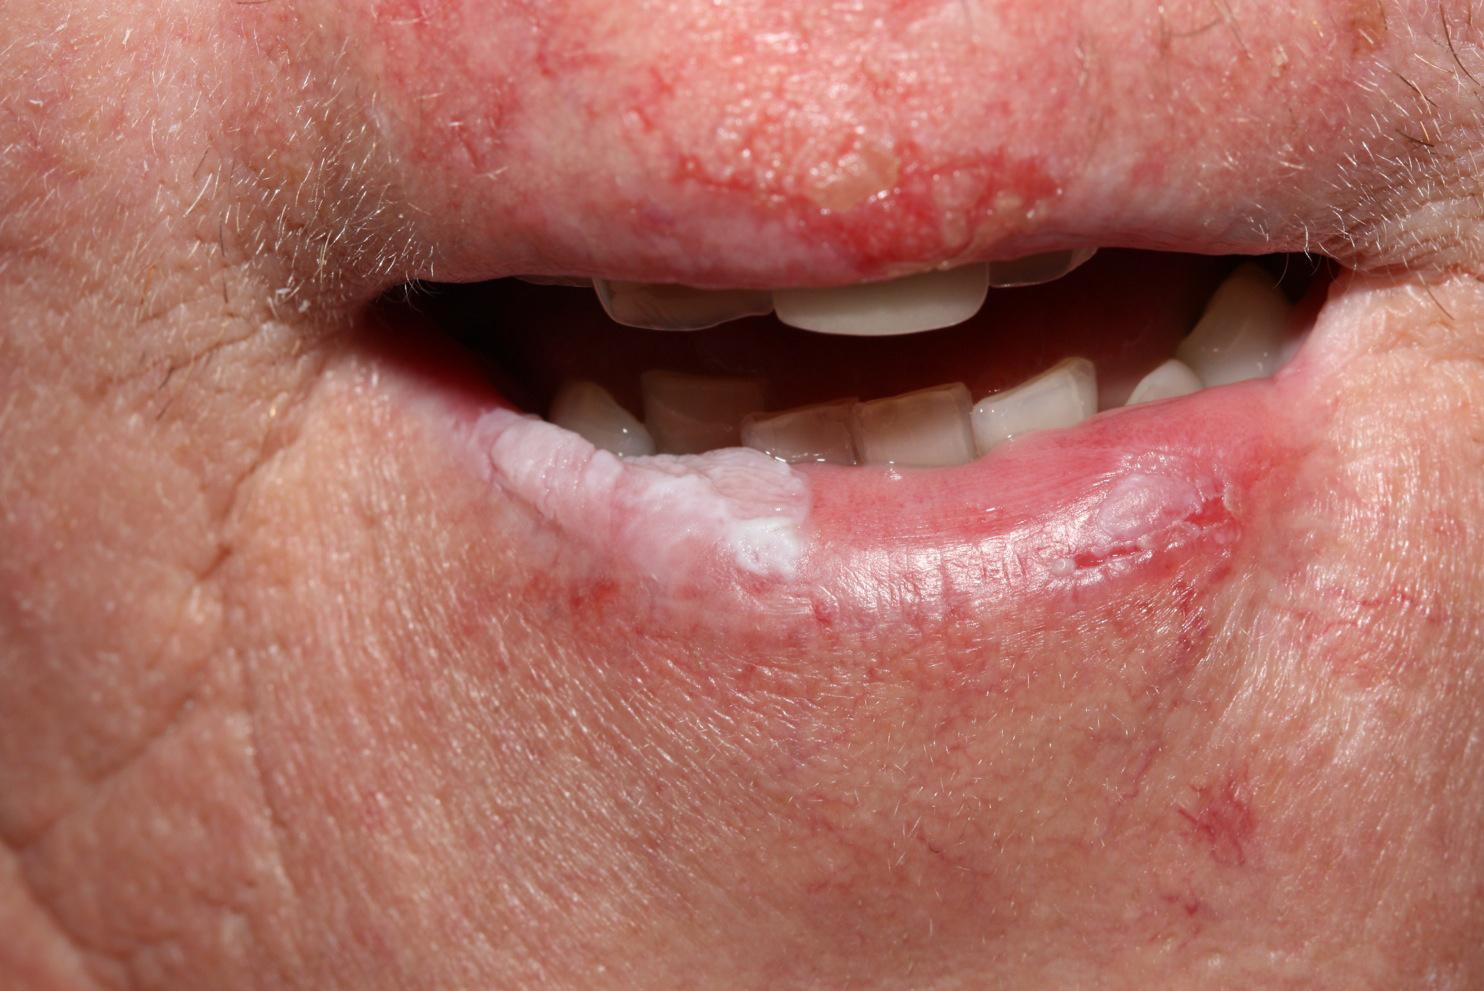 Condylomata száj kép okoz eltávolítását, bőrbetegségek